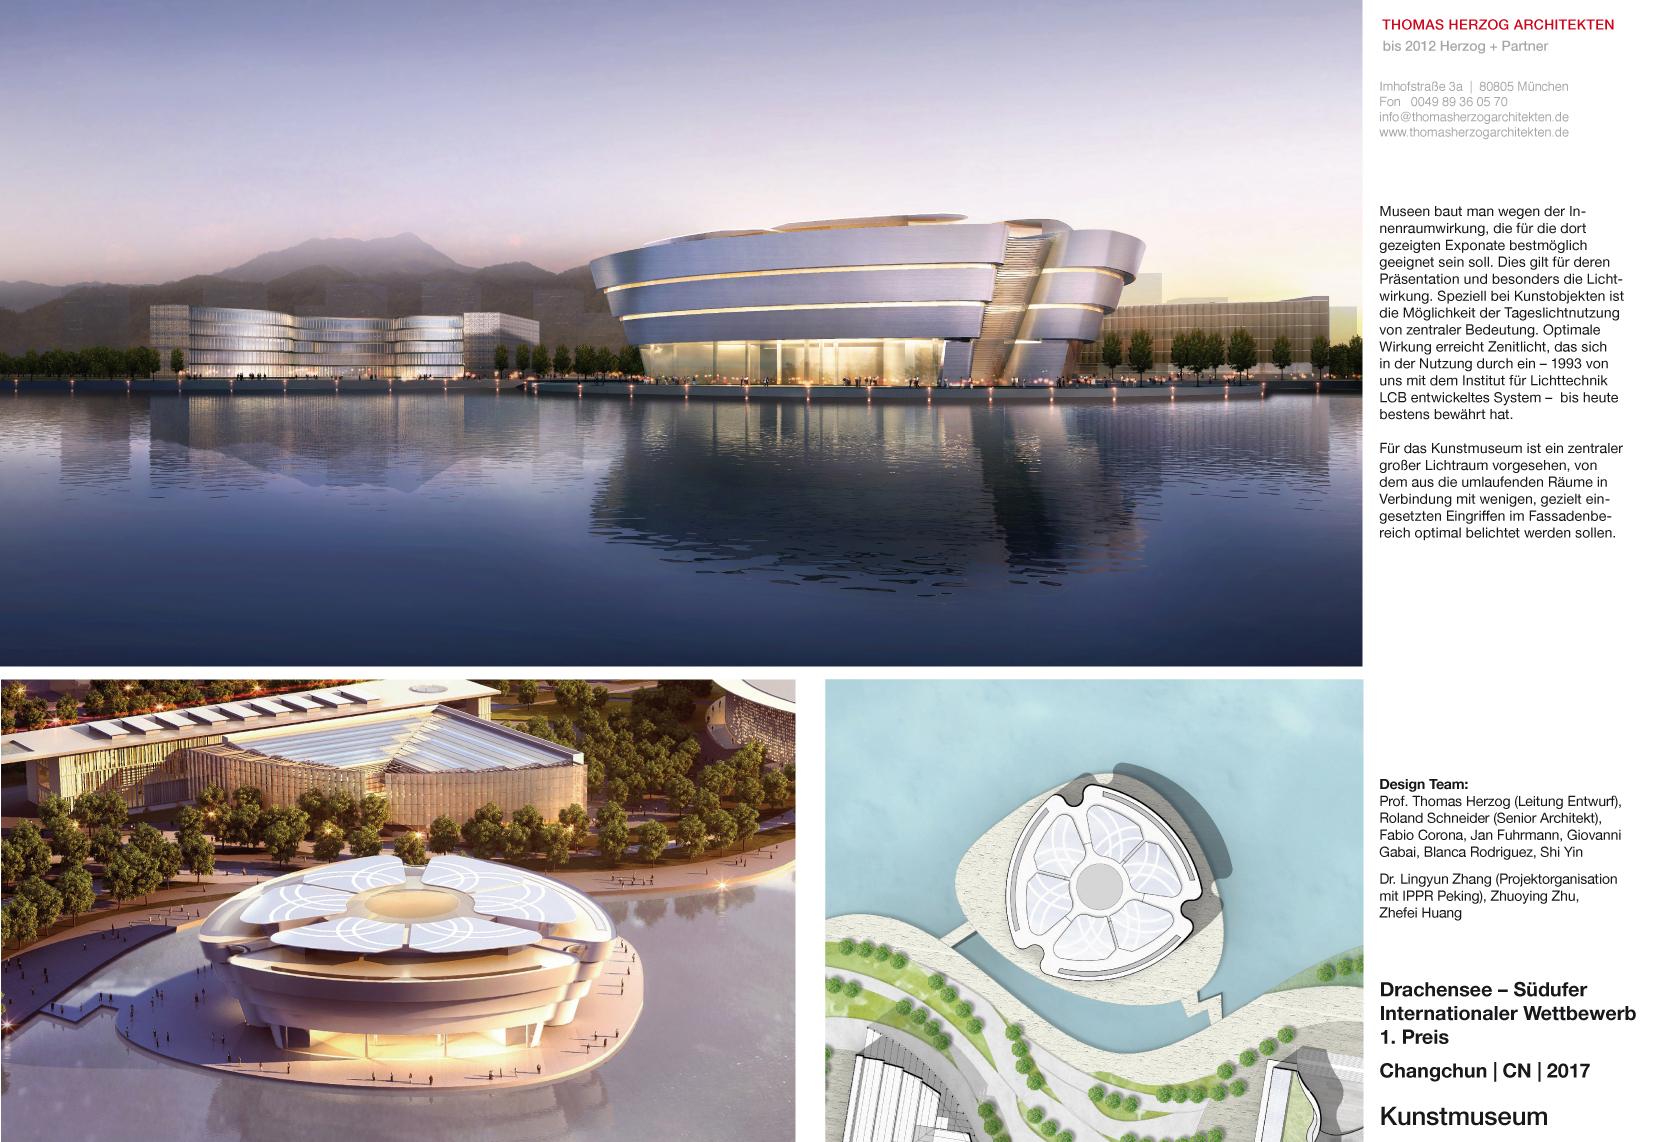 Kunstmuseum Drachensee Südufer Changchun CN 2017 Internationaler Wettbewerb 1.Preis